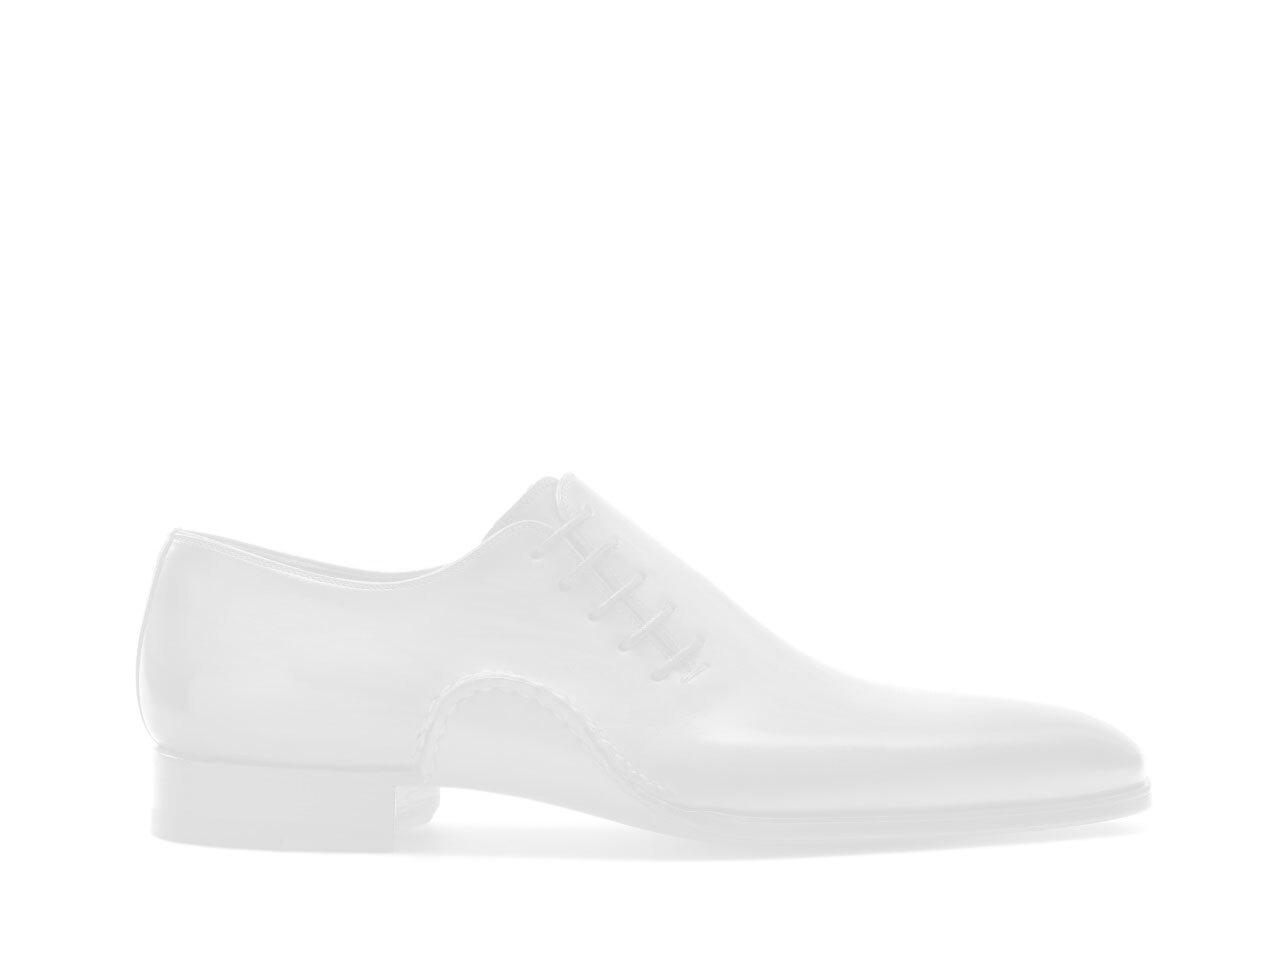 Side view of the Magnanni Casol Cognac Men's Oxford Shoes